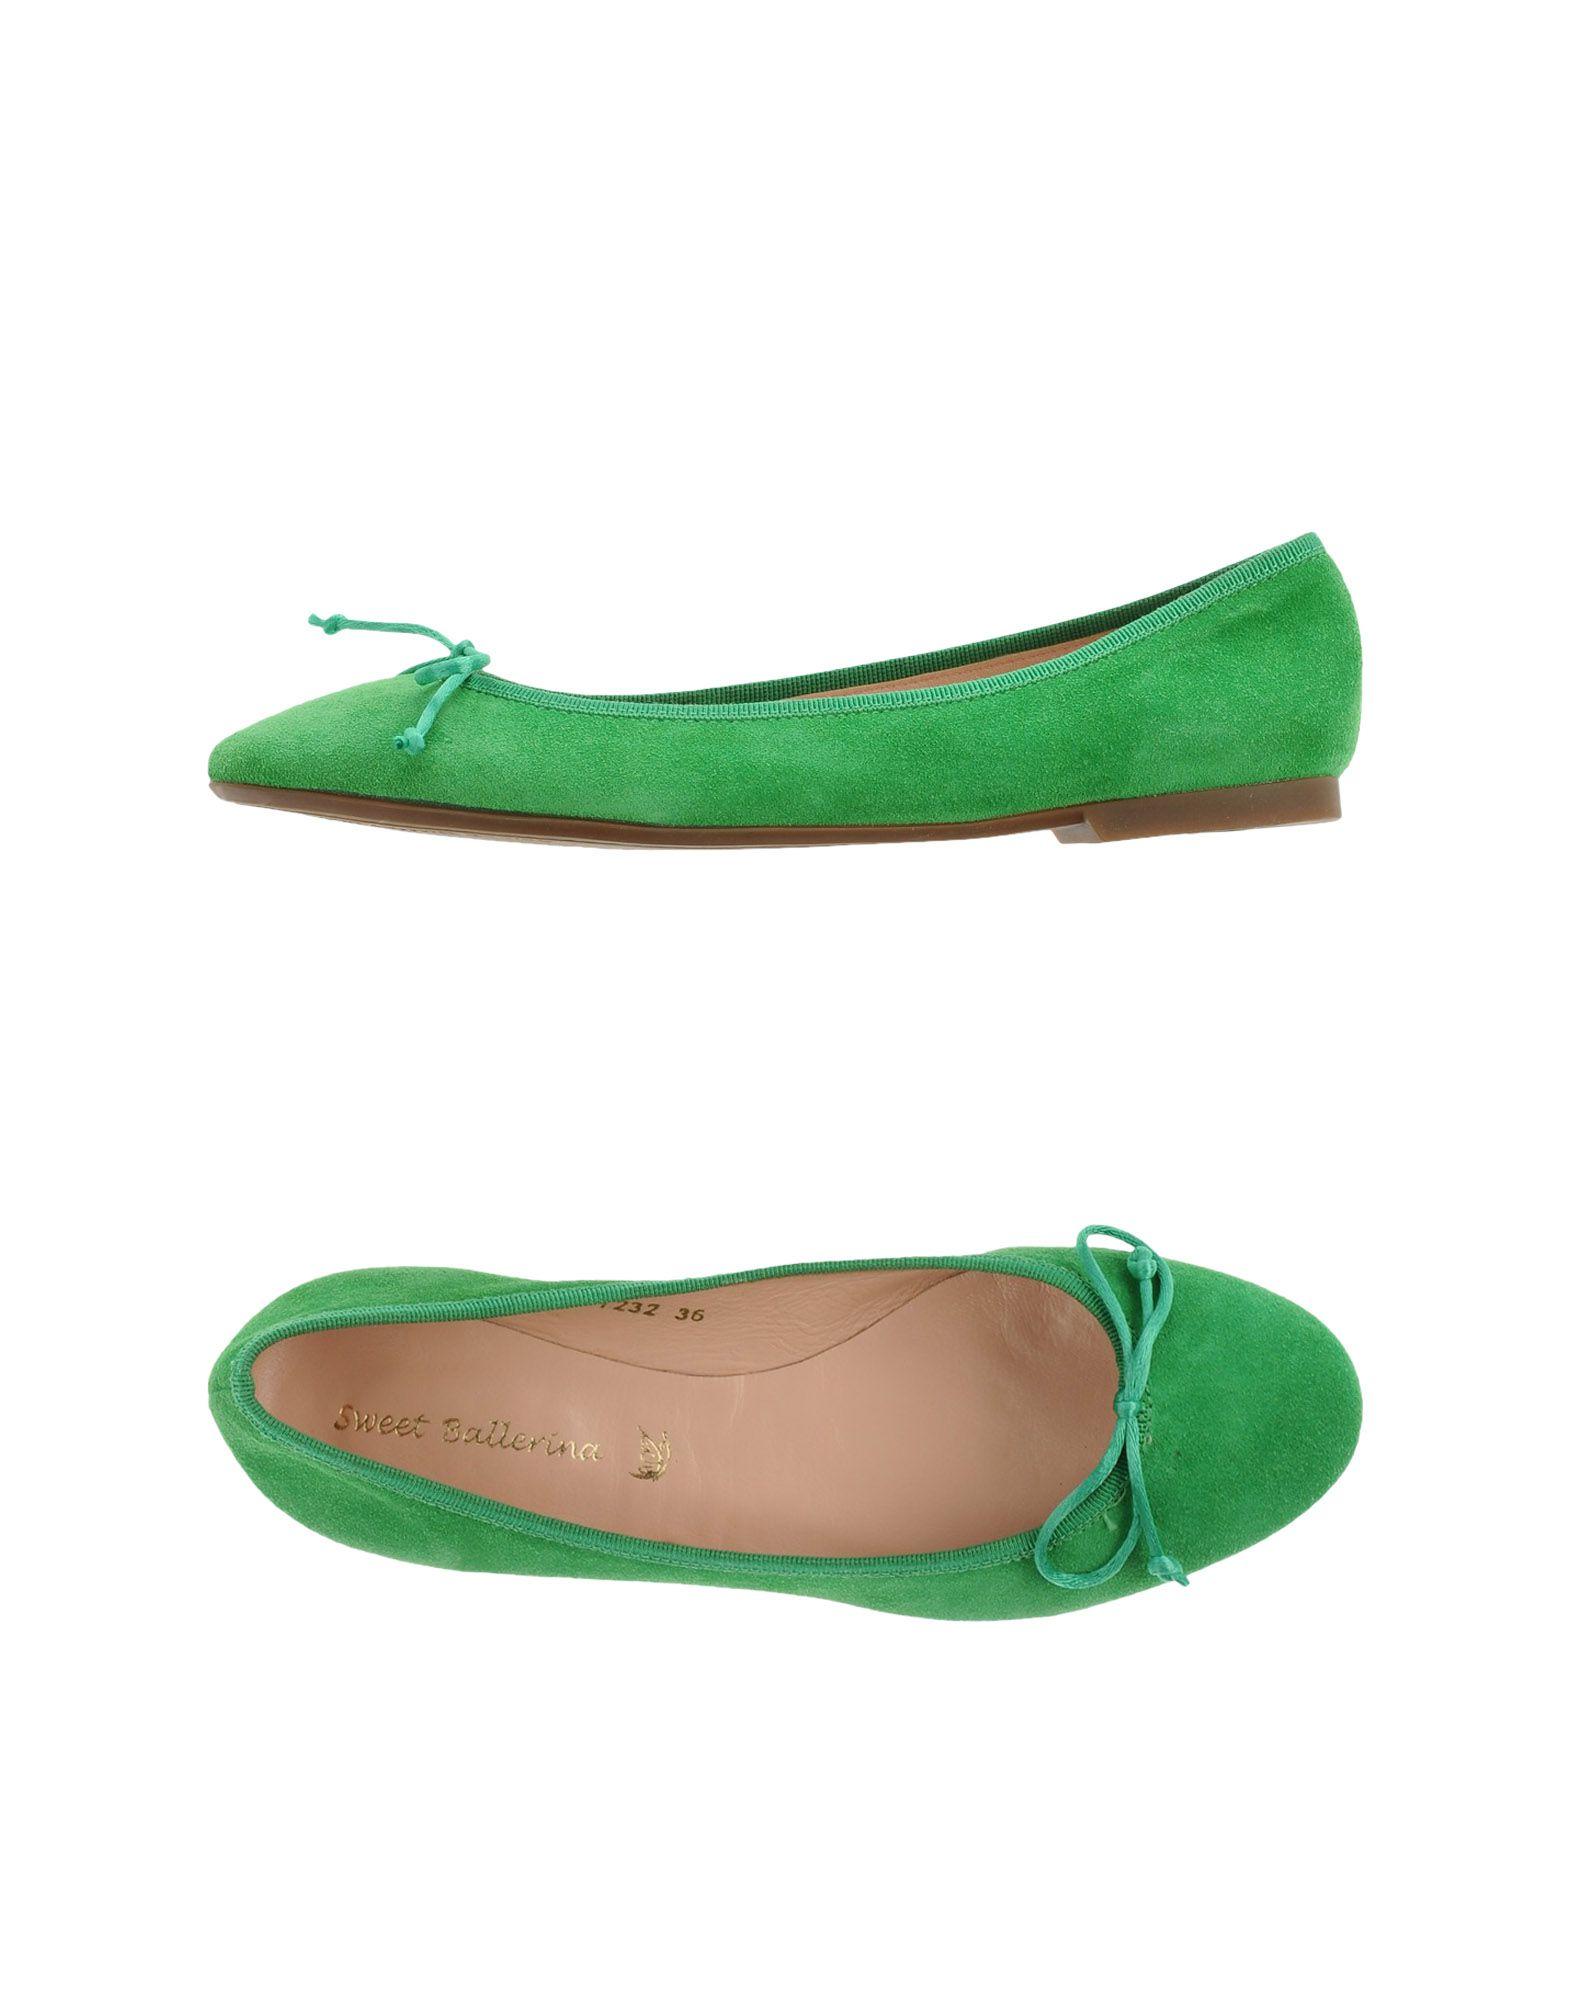 Sweet Ballerina Ballet Flats in Green (Light green)